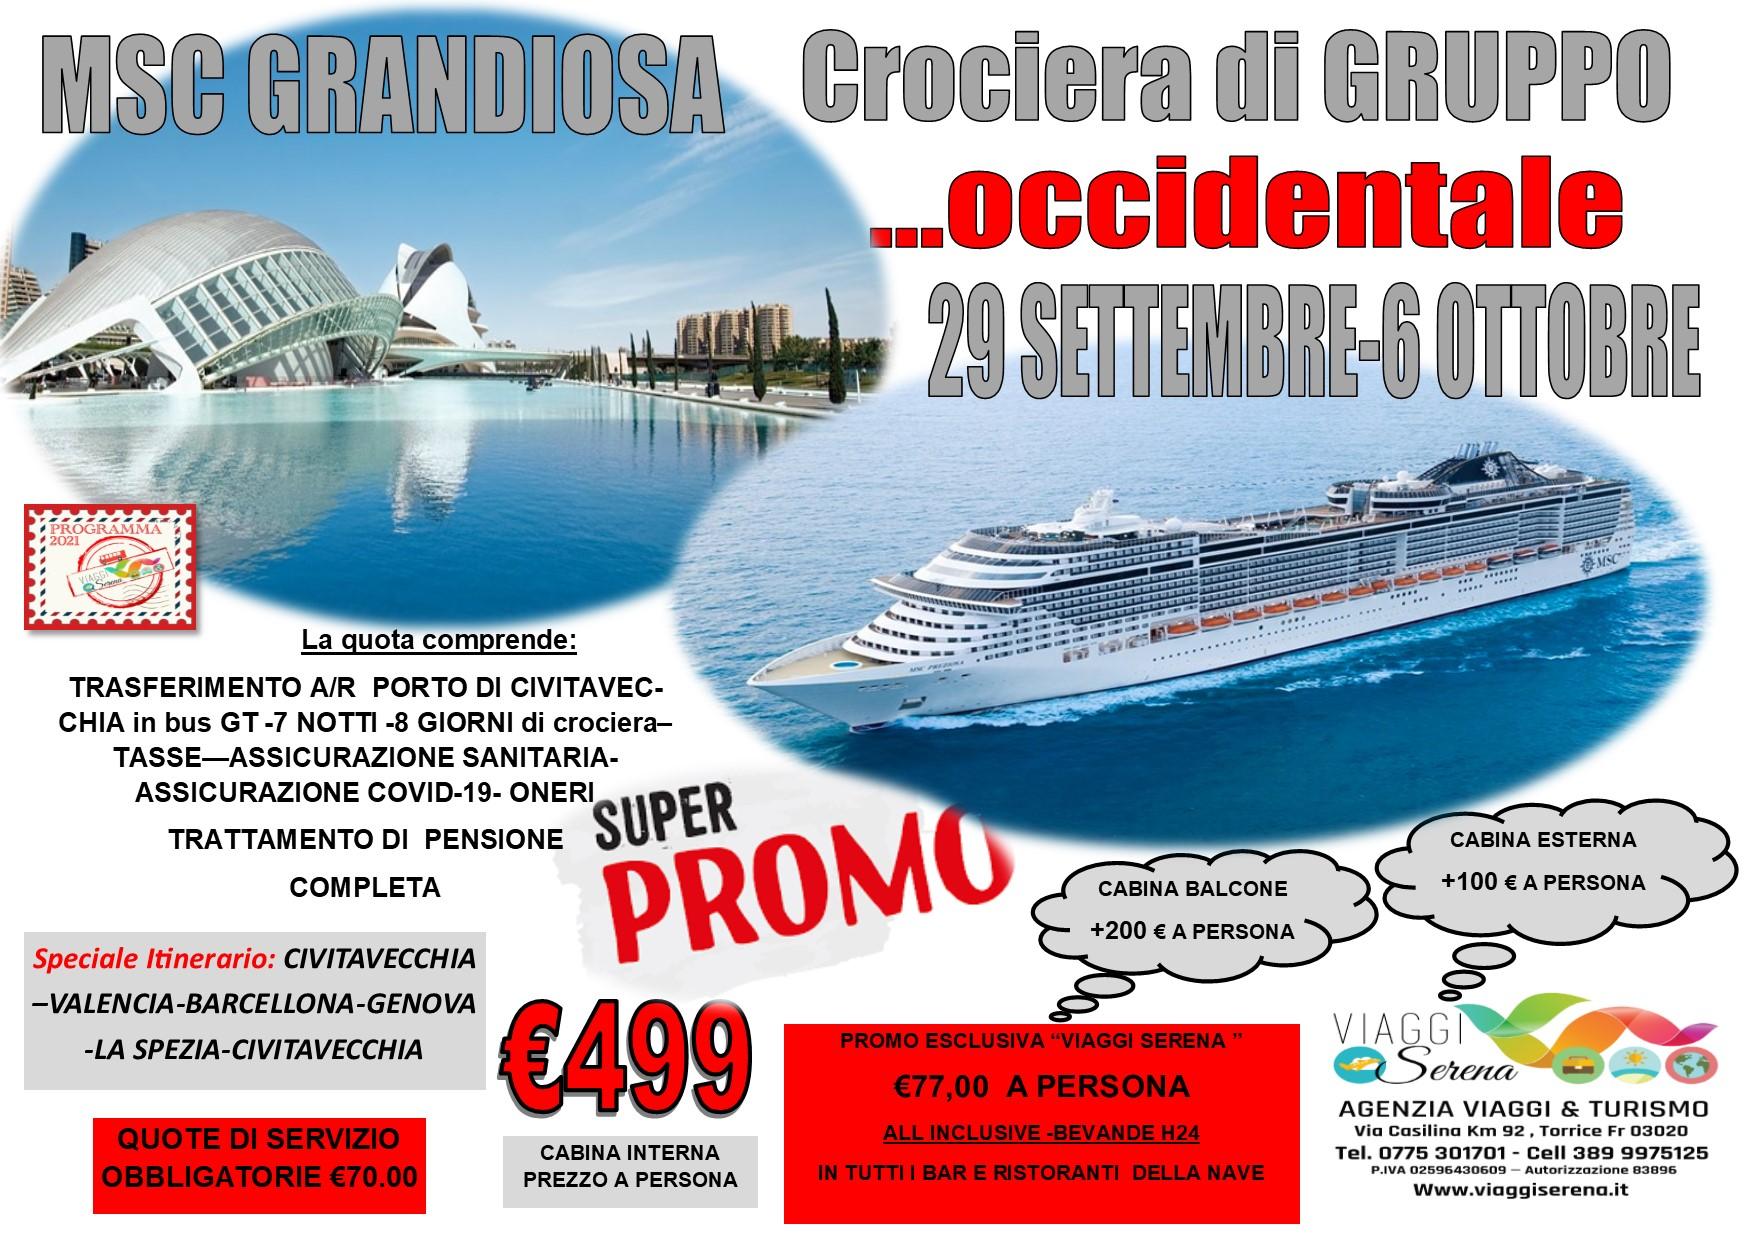 """Viaggi di Gruppo:  crociera di gruppo """"Mediterraneo Occidentale """" 29 Settembre -6 Ottobre € 499,00"""